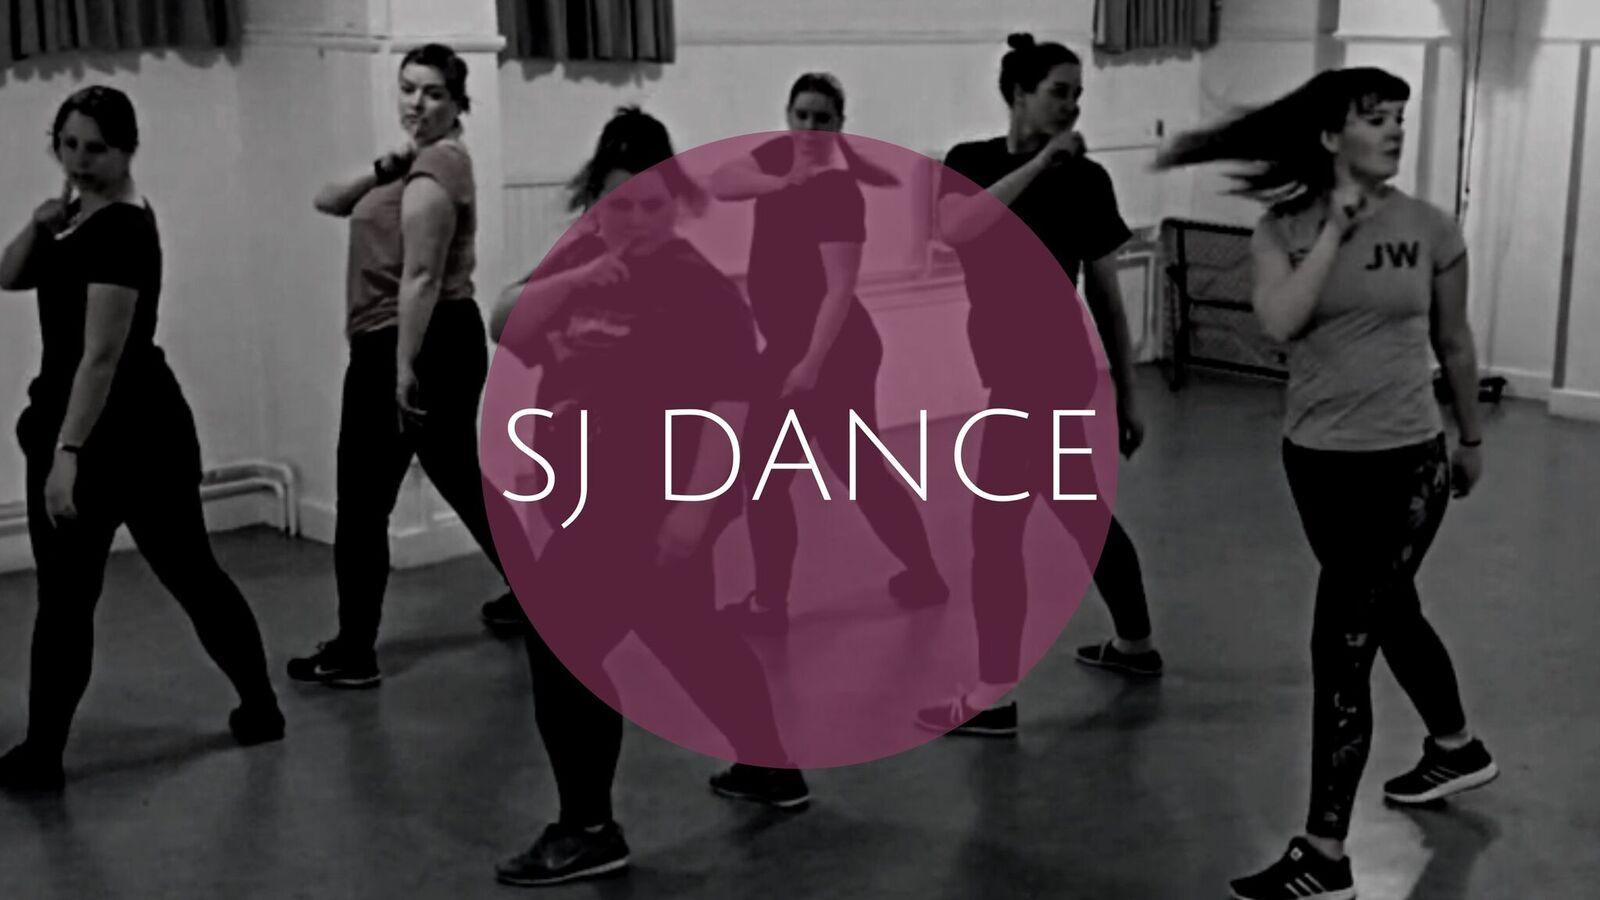 SJ Dance